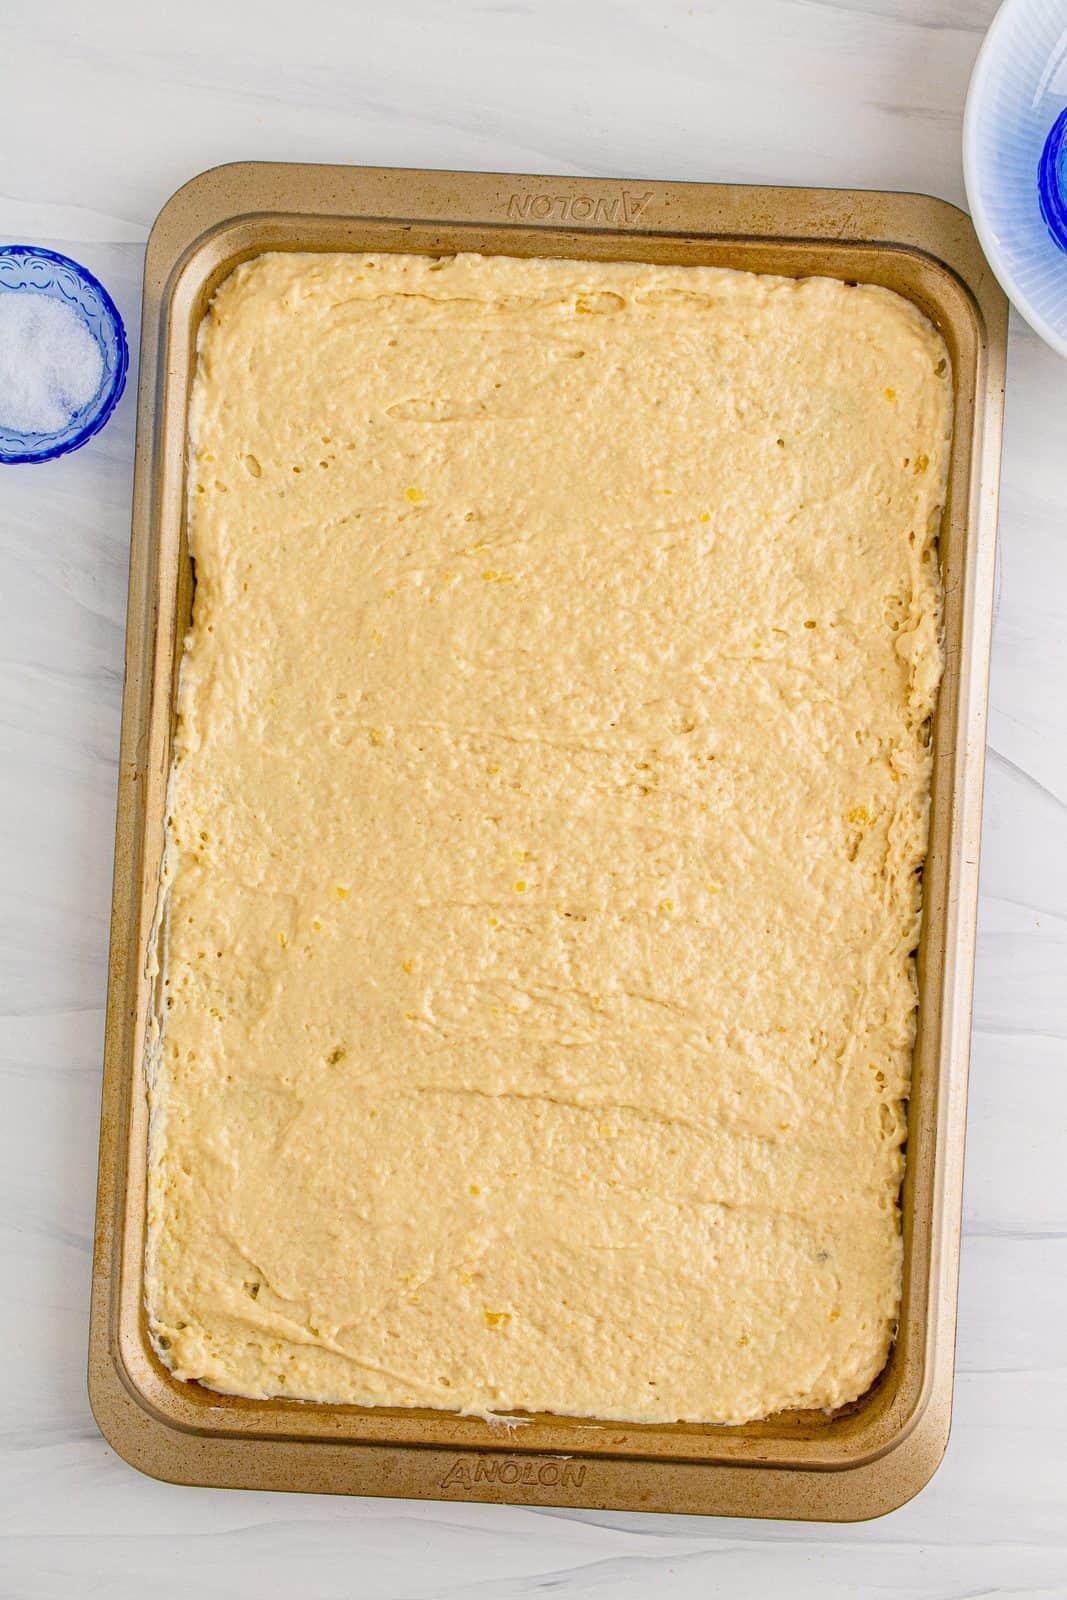 Pancake batter spread into sheet pan.